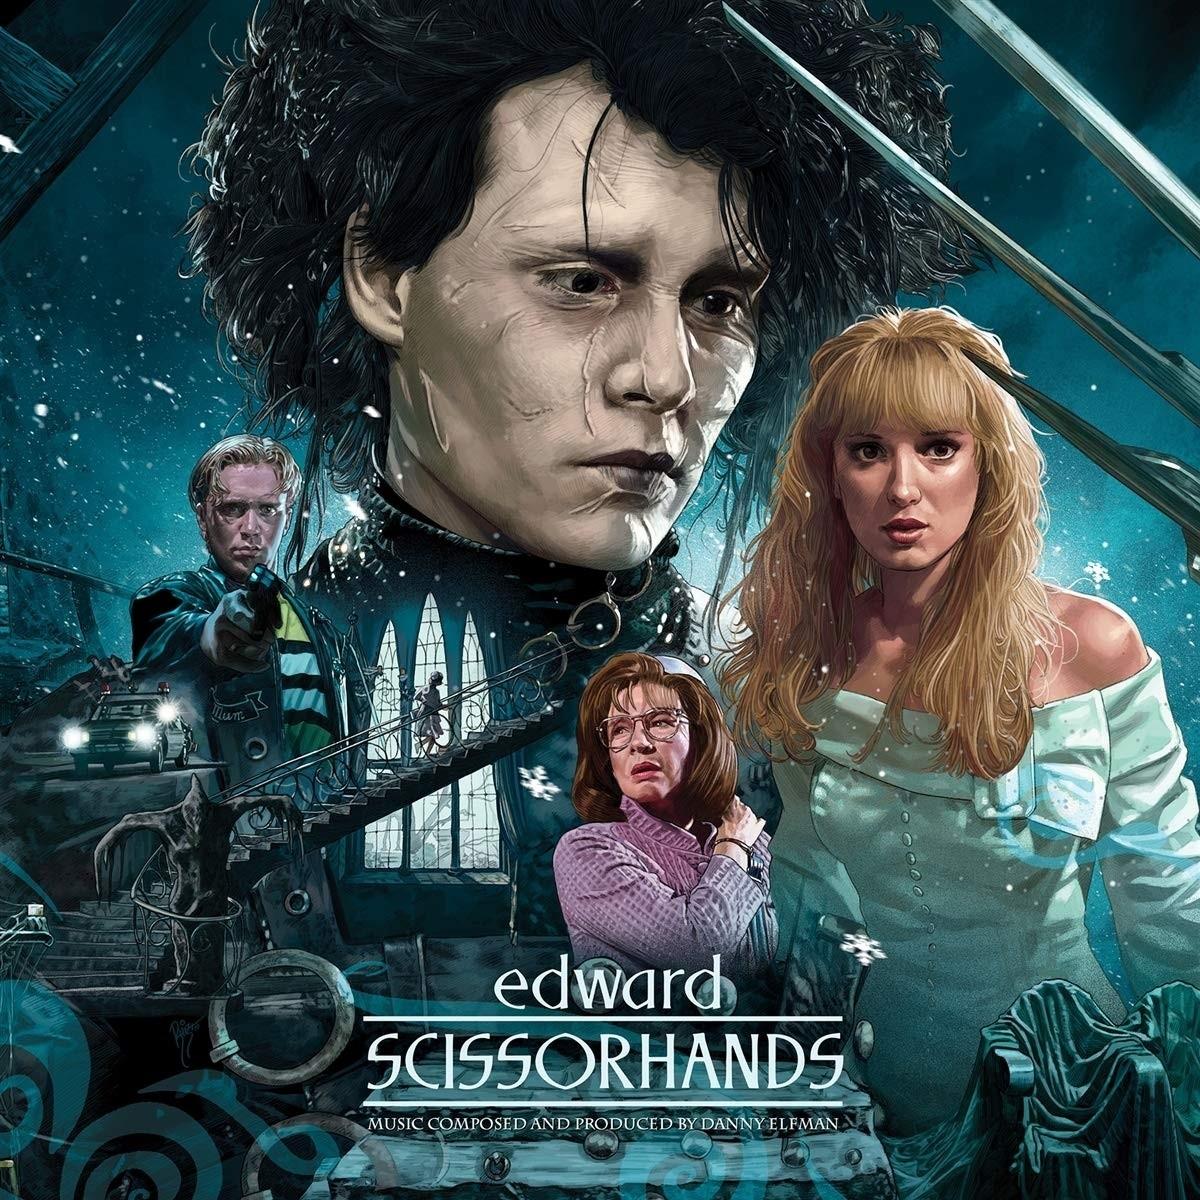 Danny Elfman - Edward Scissorhands (30th Anniversary Deluxe) Vinyl LP